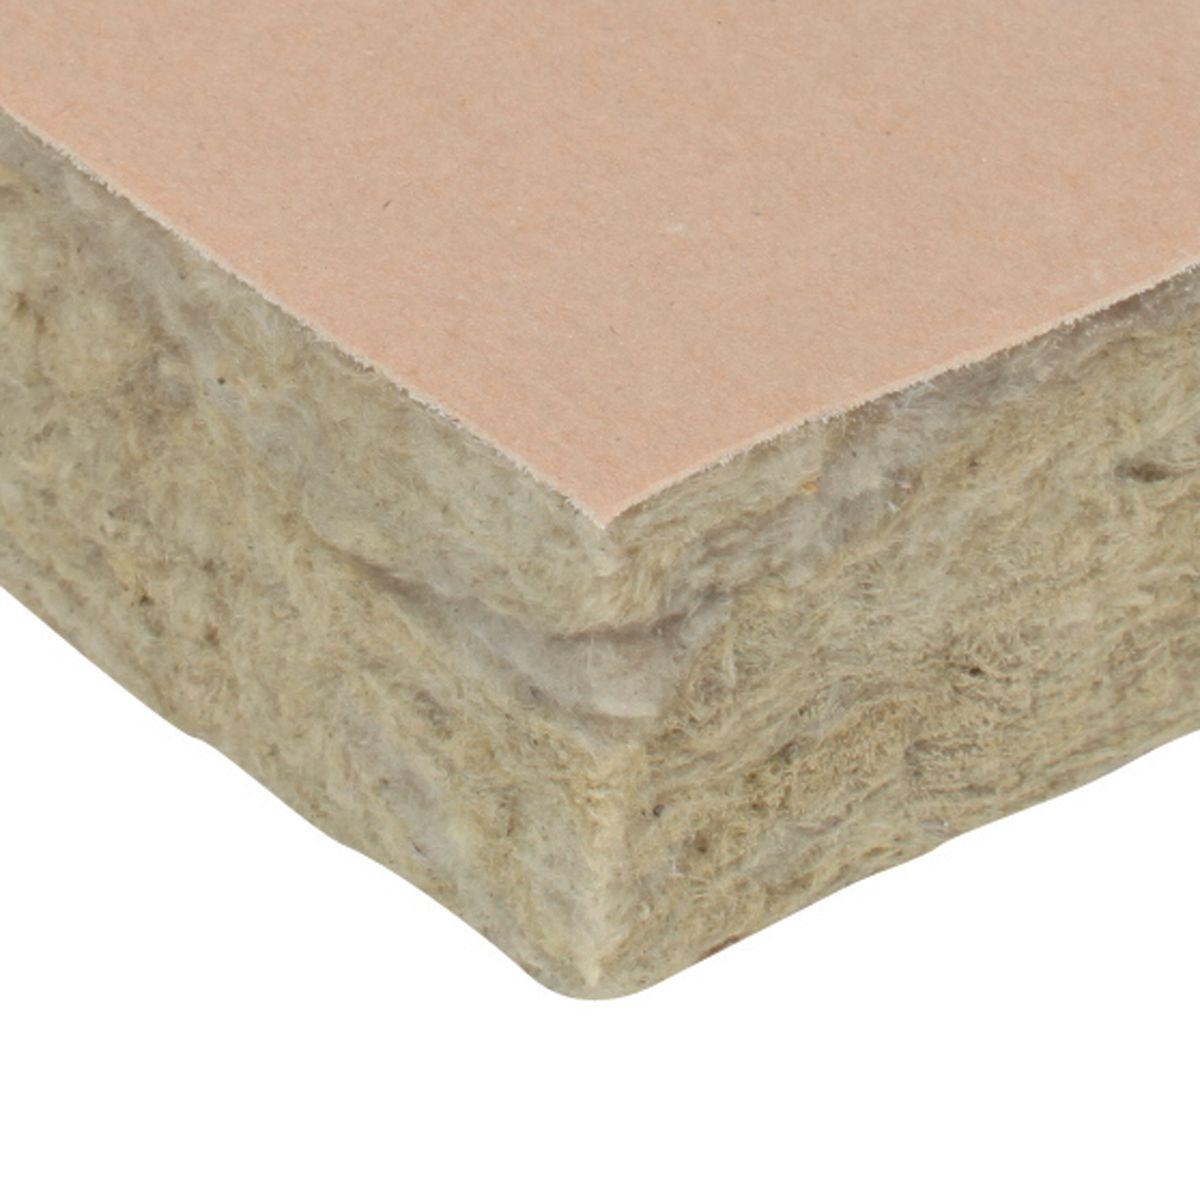 Pannelli isolanti termici e acustici per interni, pareti e tetti